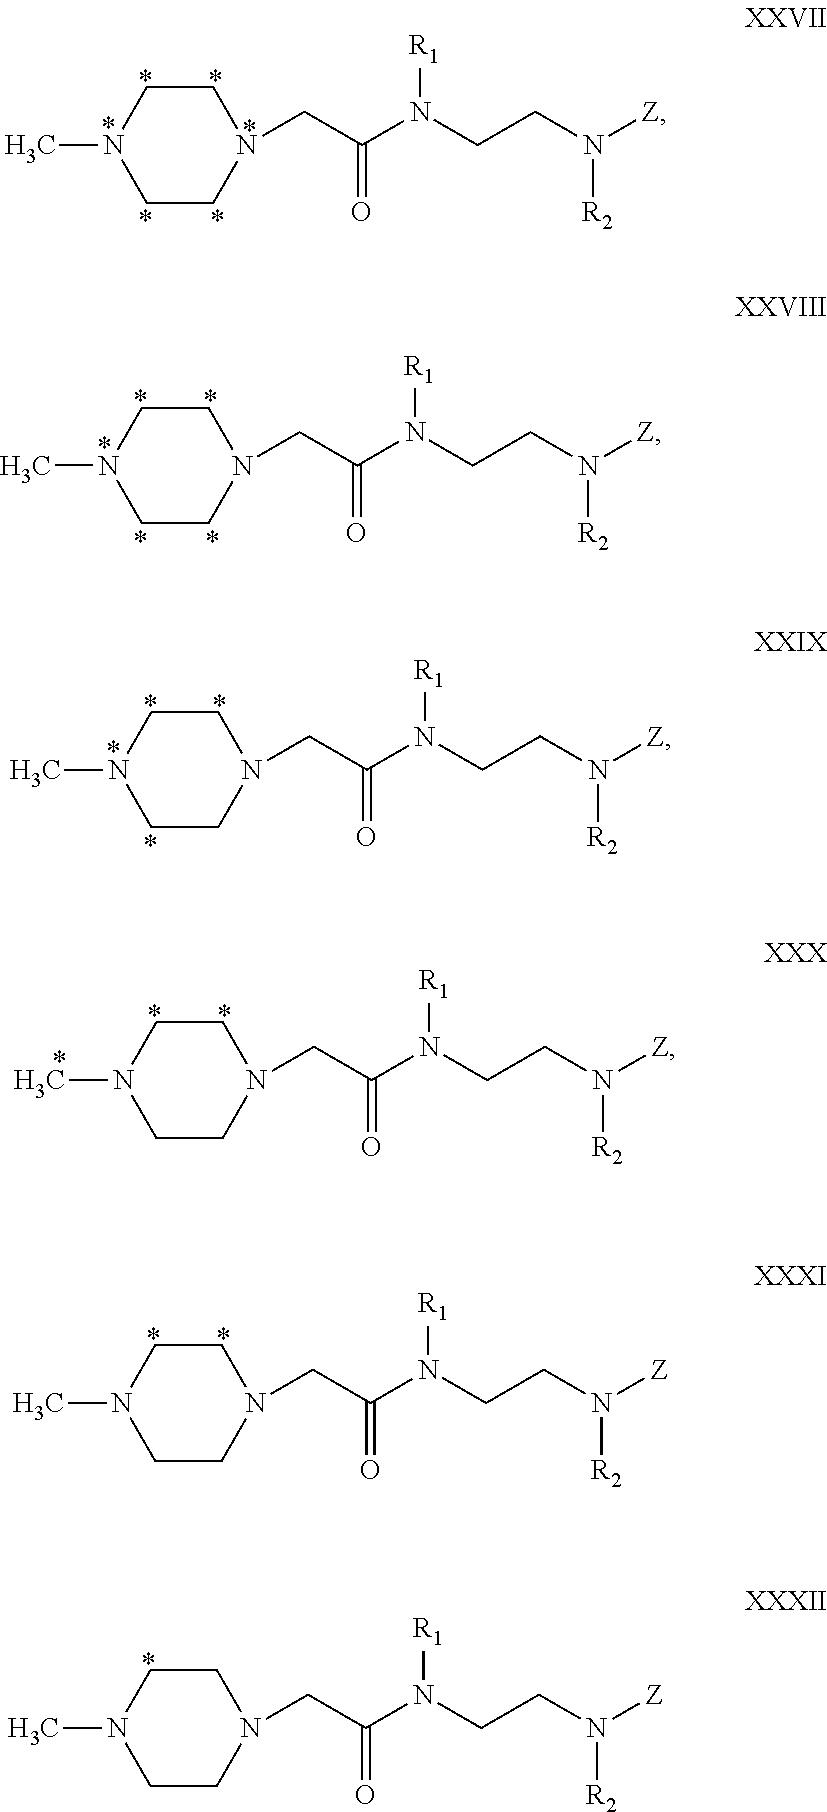 Figure US08492163-20130723-C00014